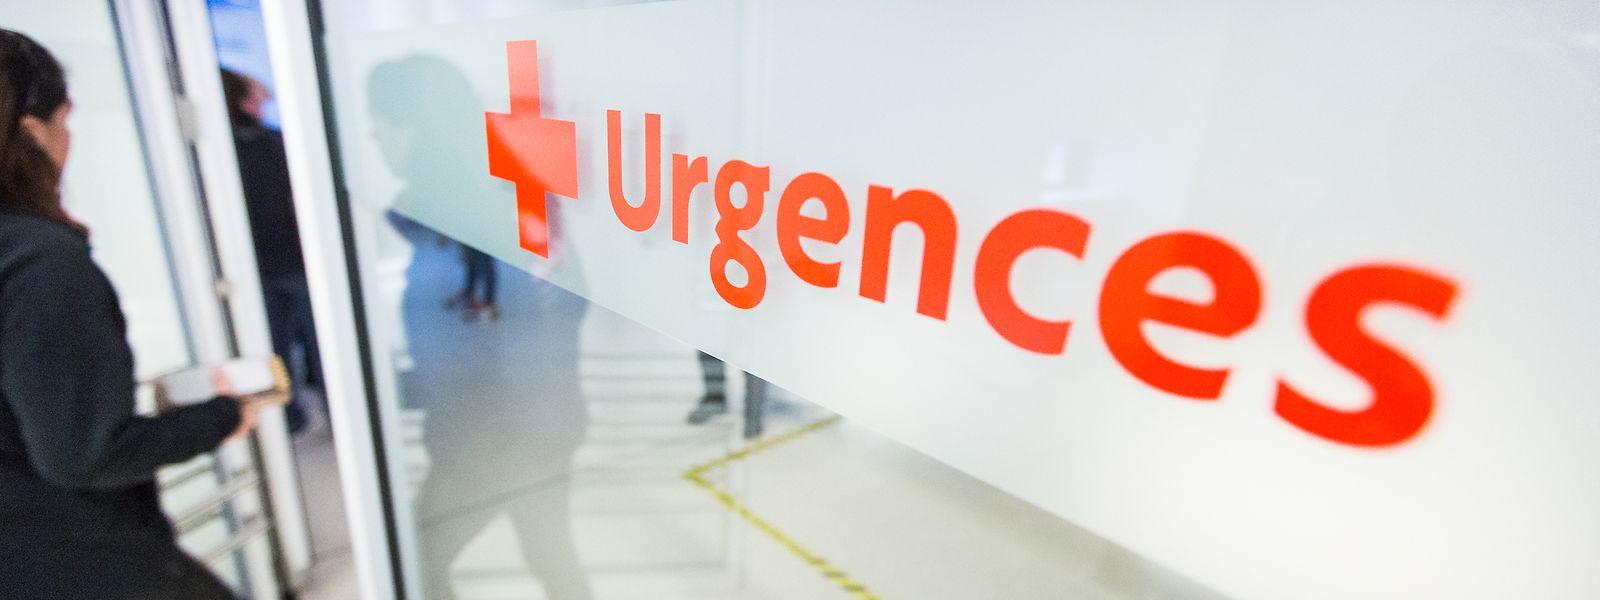 Patienten haben ein Anrecht darauf, sich zu jeder Zeit in den drei administrativen Sprachen ausdrücken zu können.